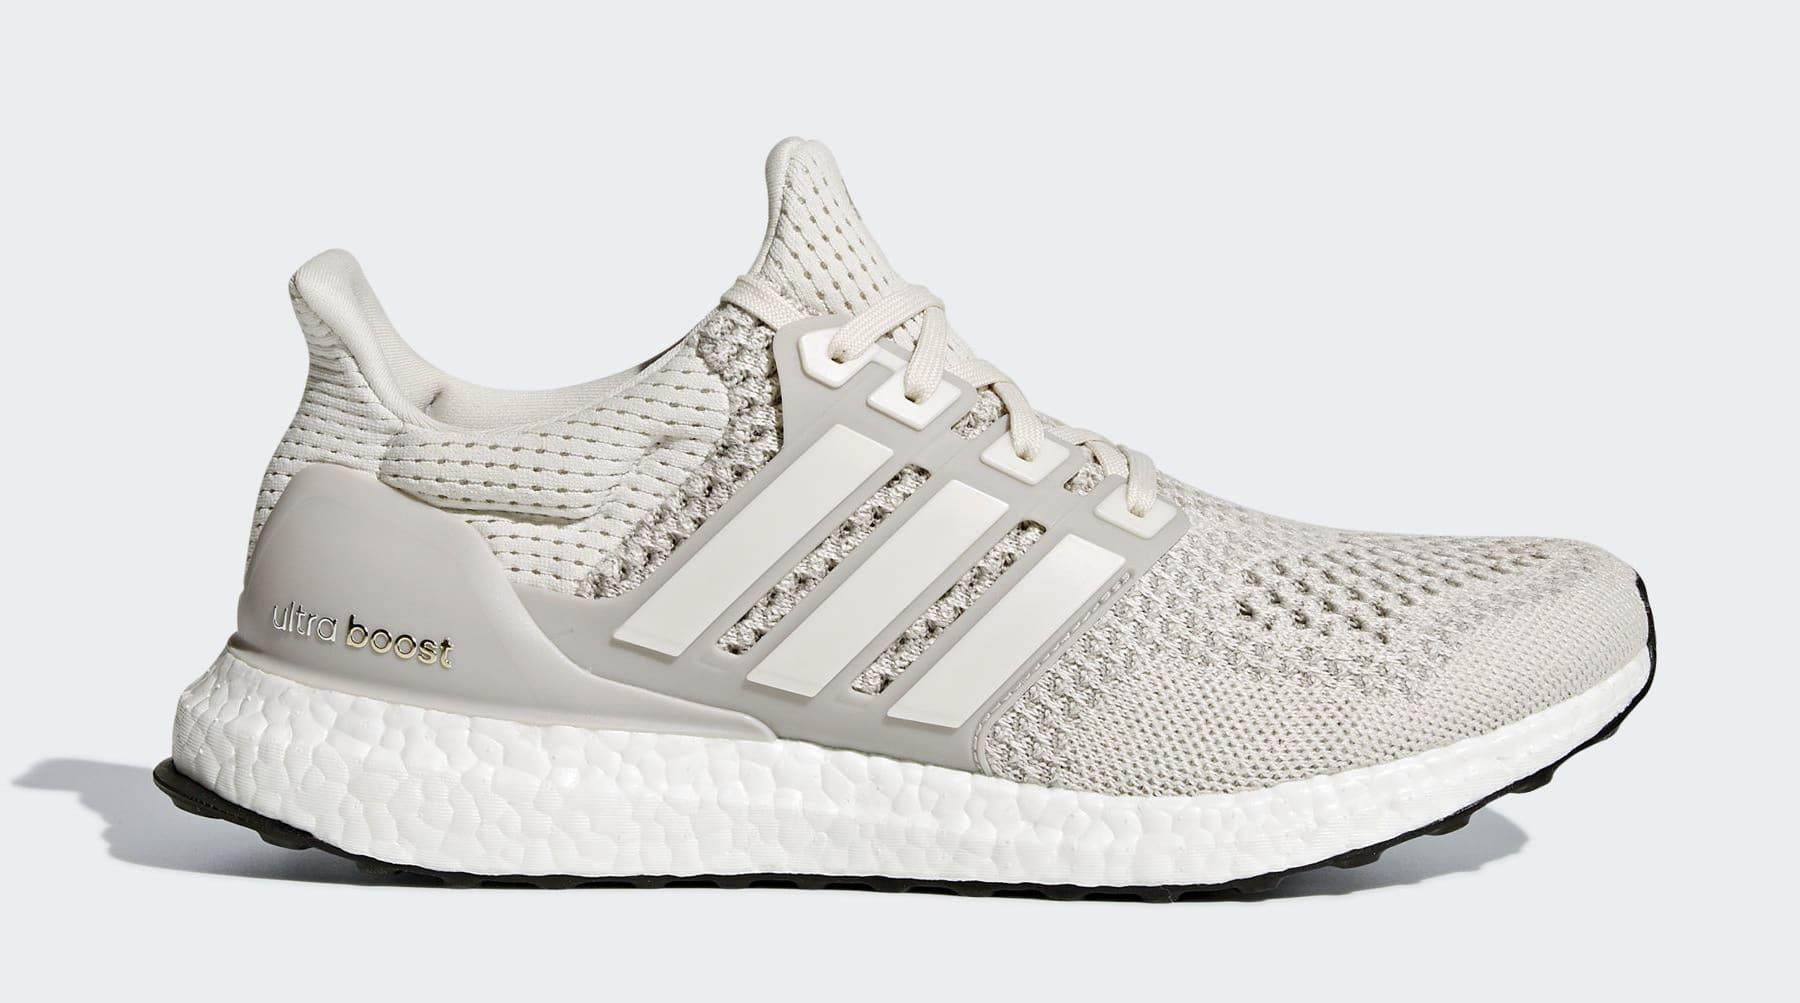 72baeabde55eb amazon adidas ultra boost all white 1.0 92cca 86e97